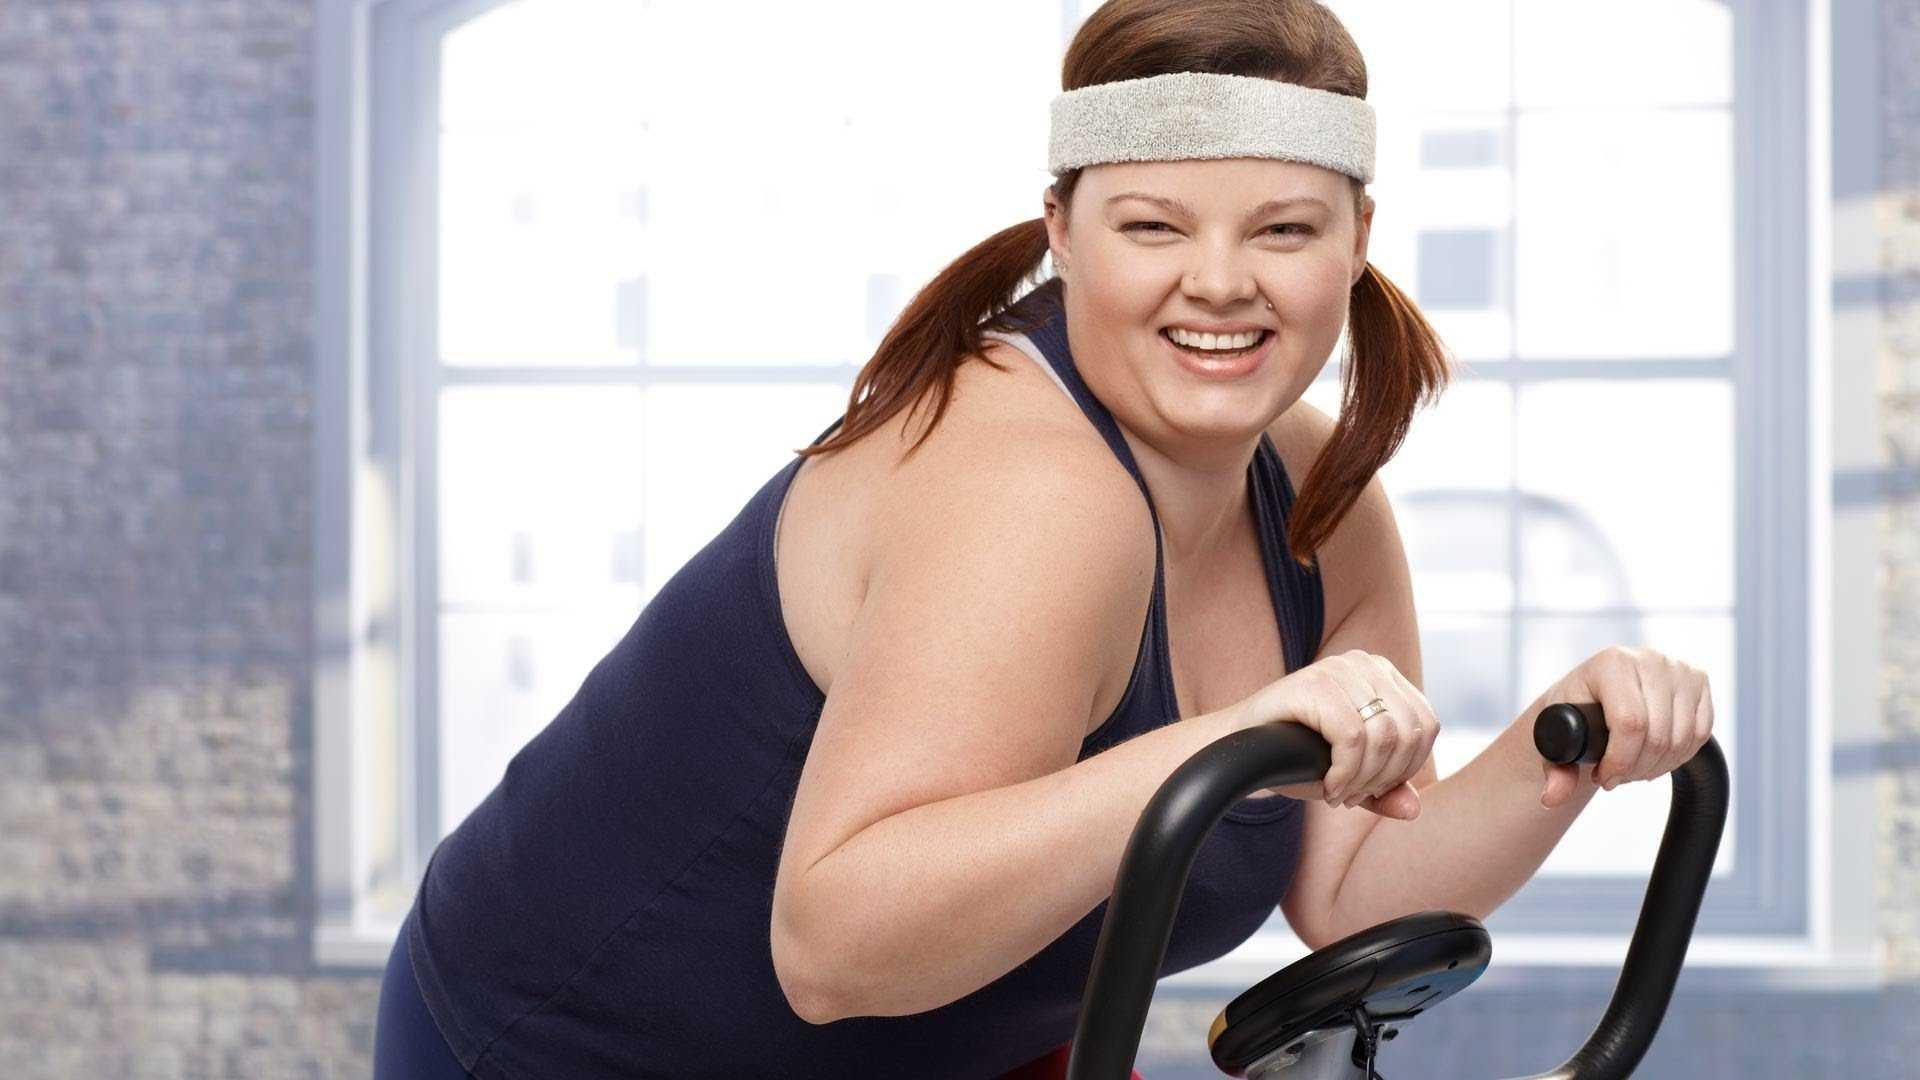 Как Похудеть Если Есть Велотренажер. Волшебный велотренажер — эффективно ли похудение с помощью кардионагрузки?